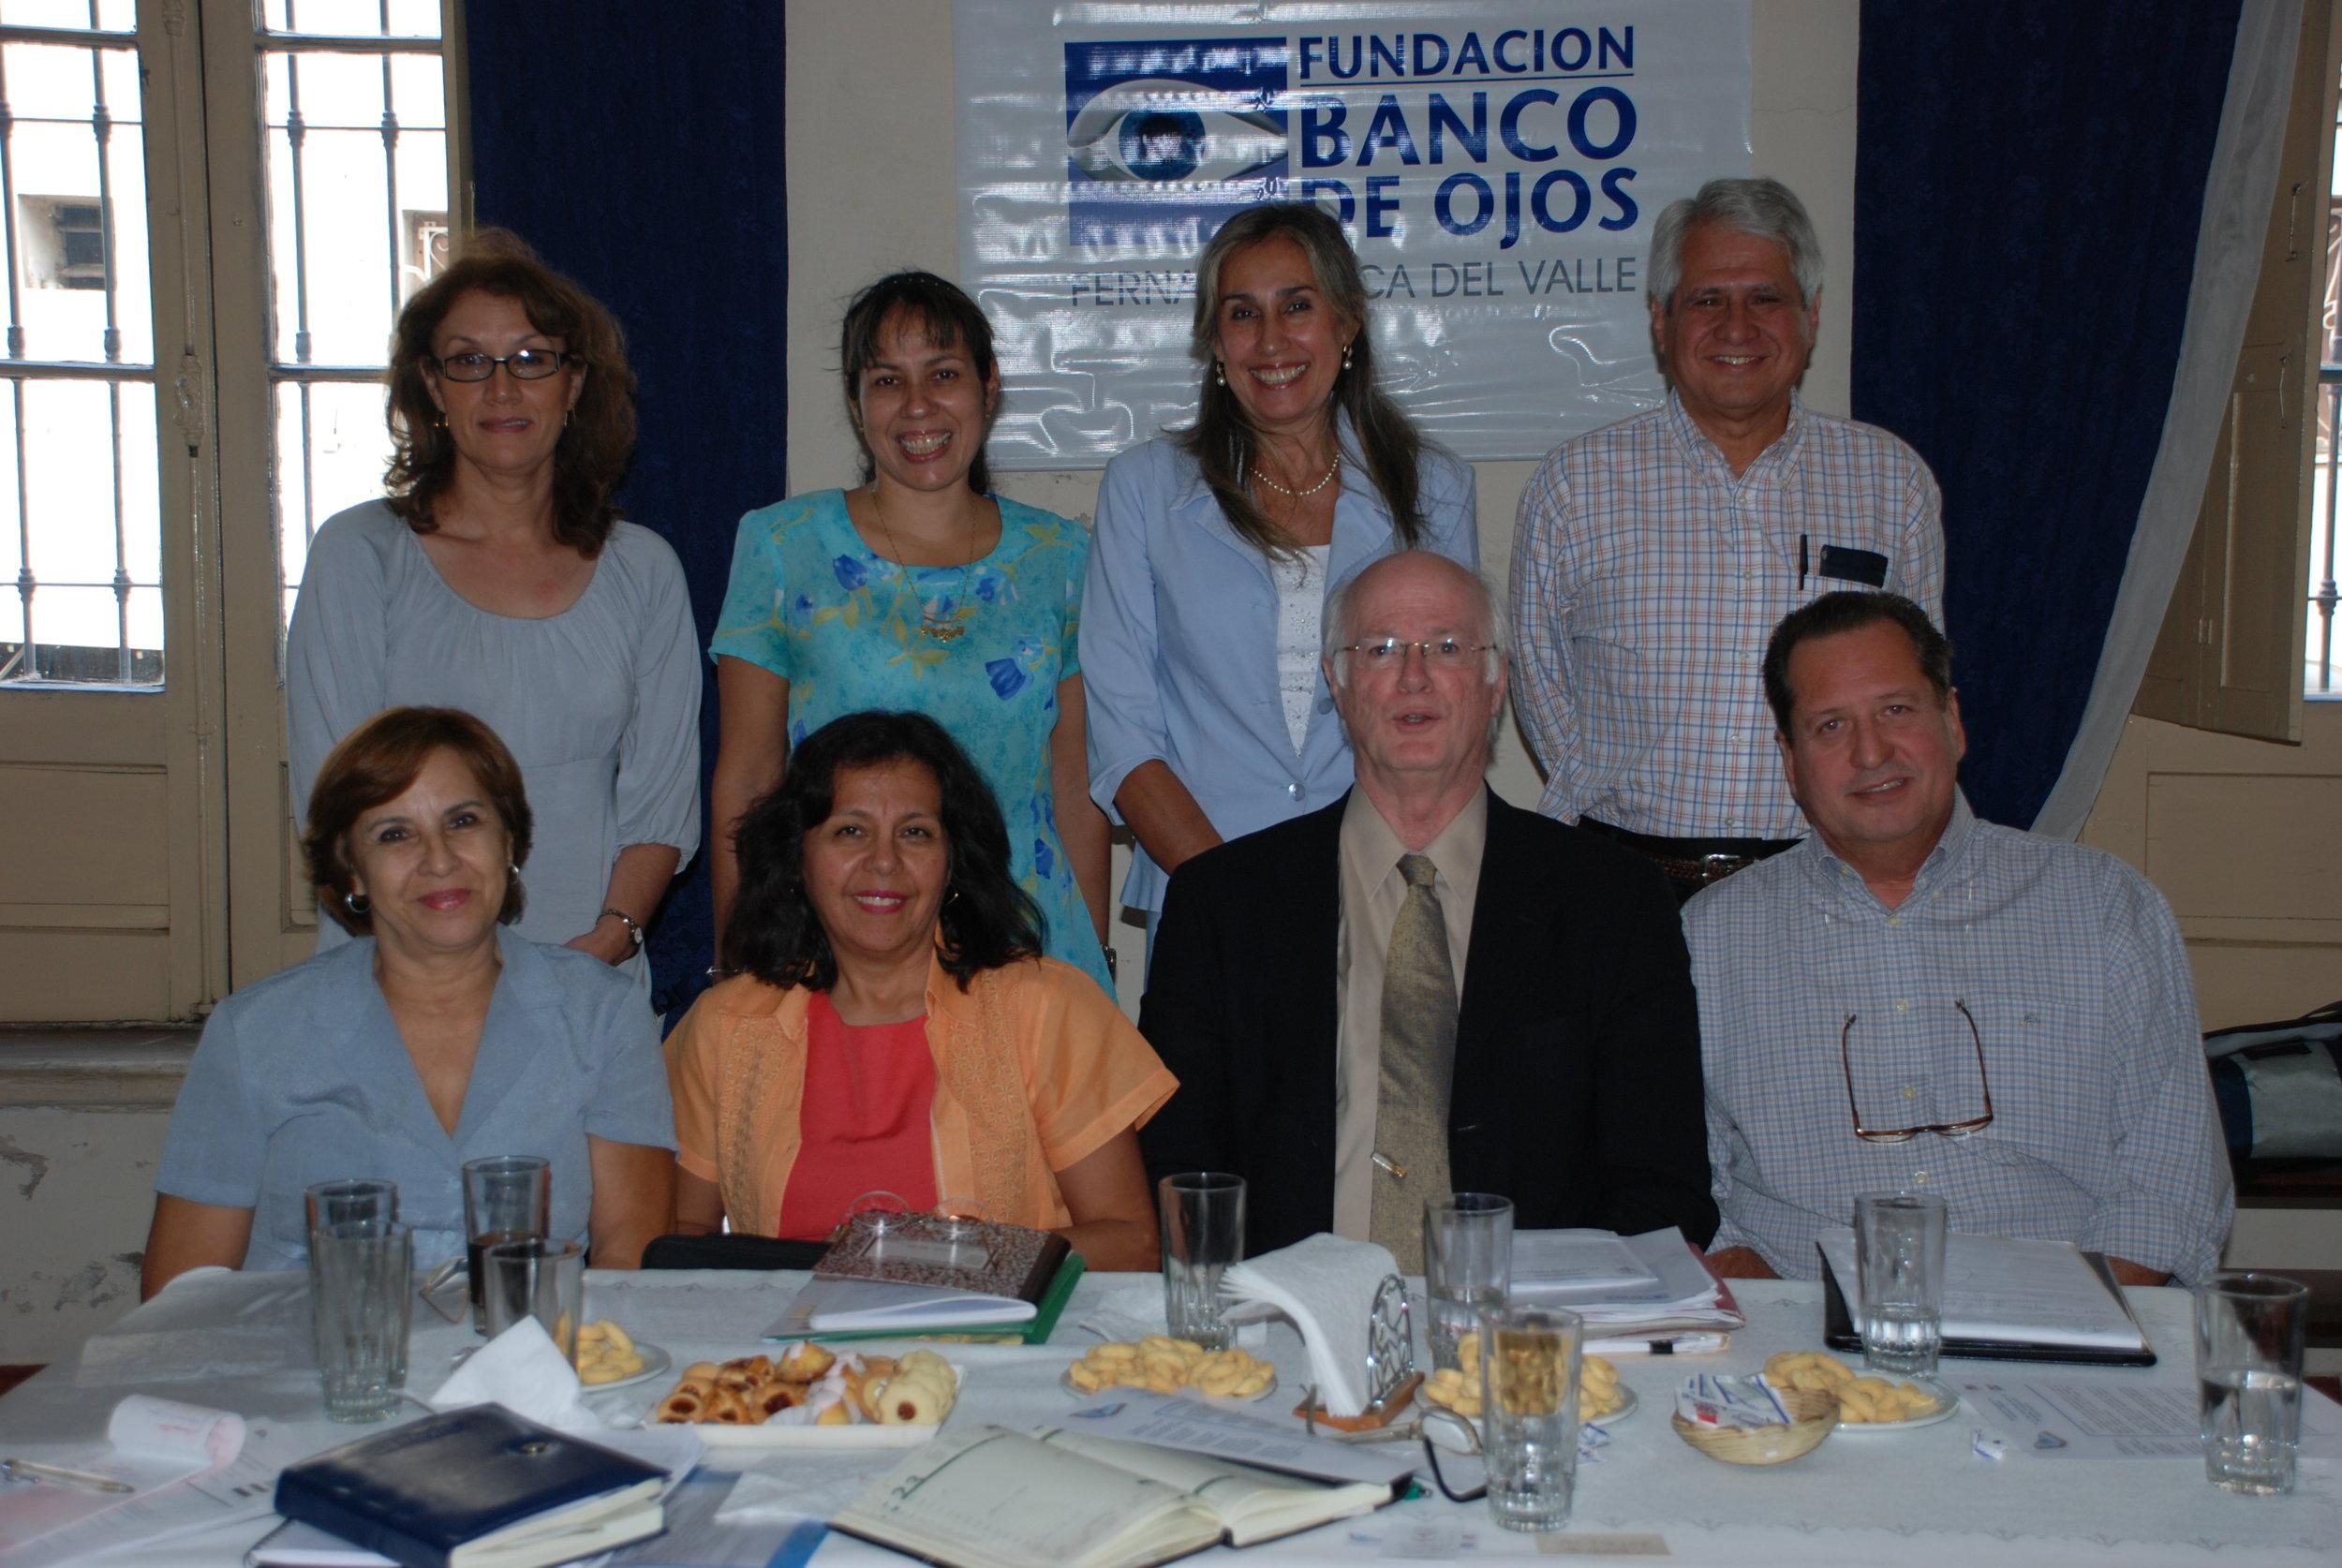 Successful meeting at Banco de Ojos.